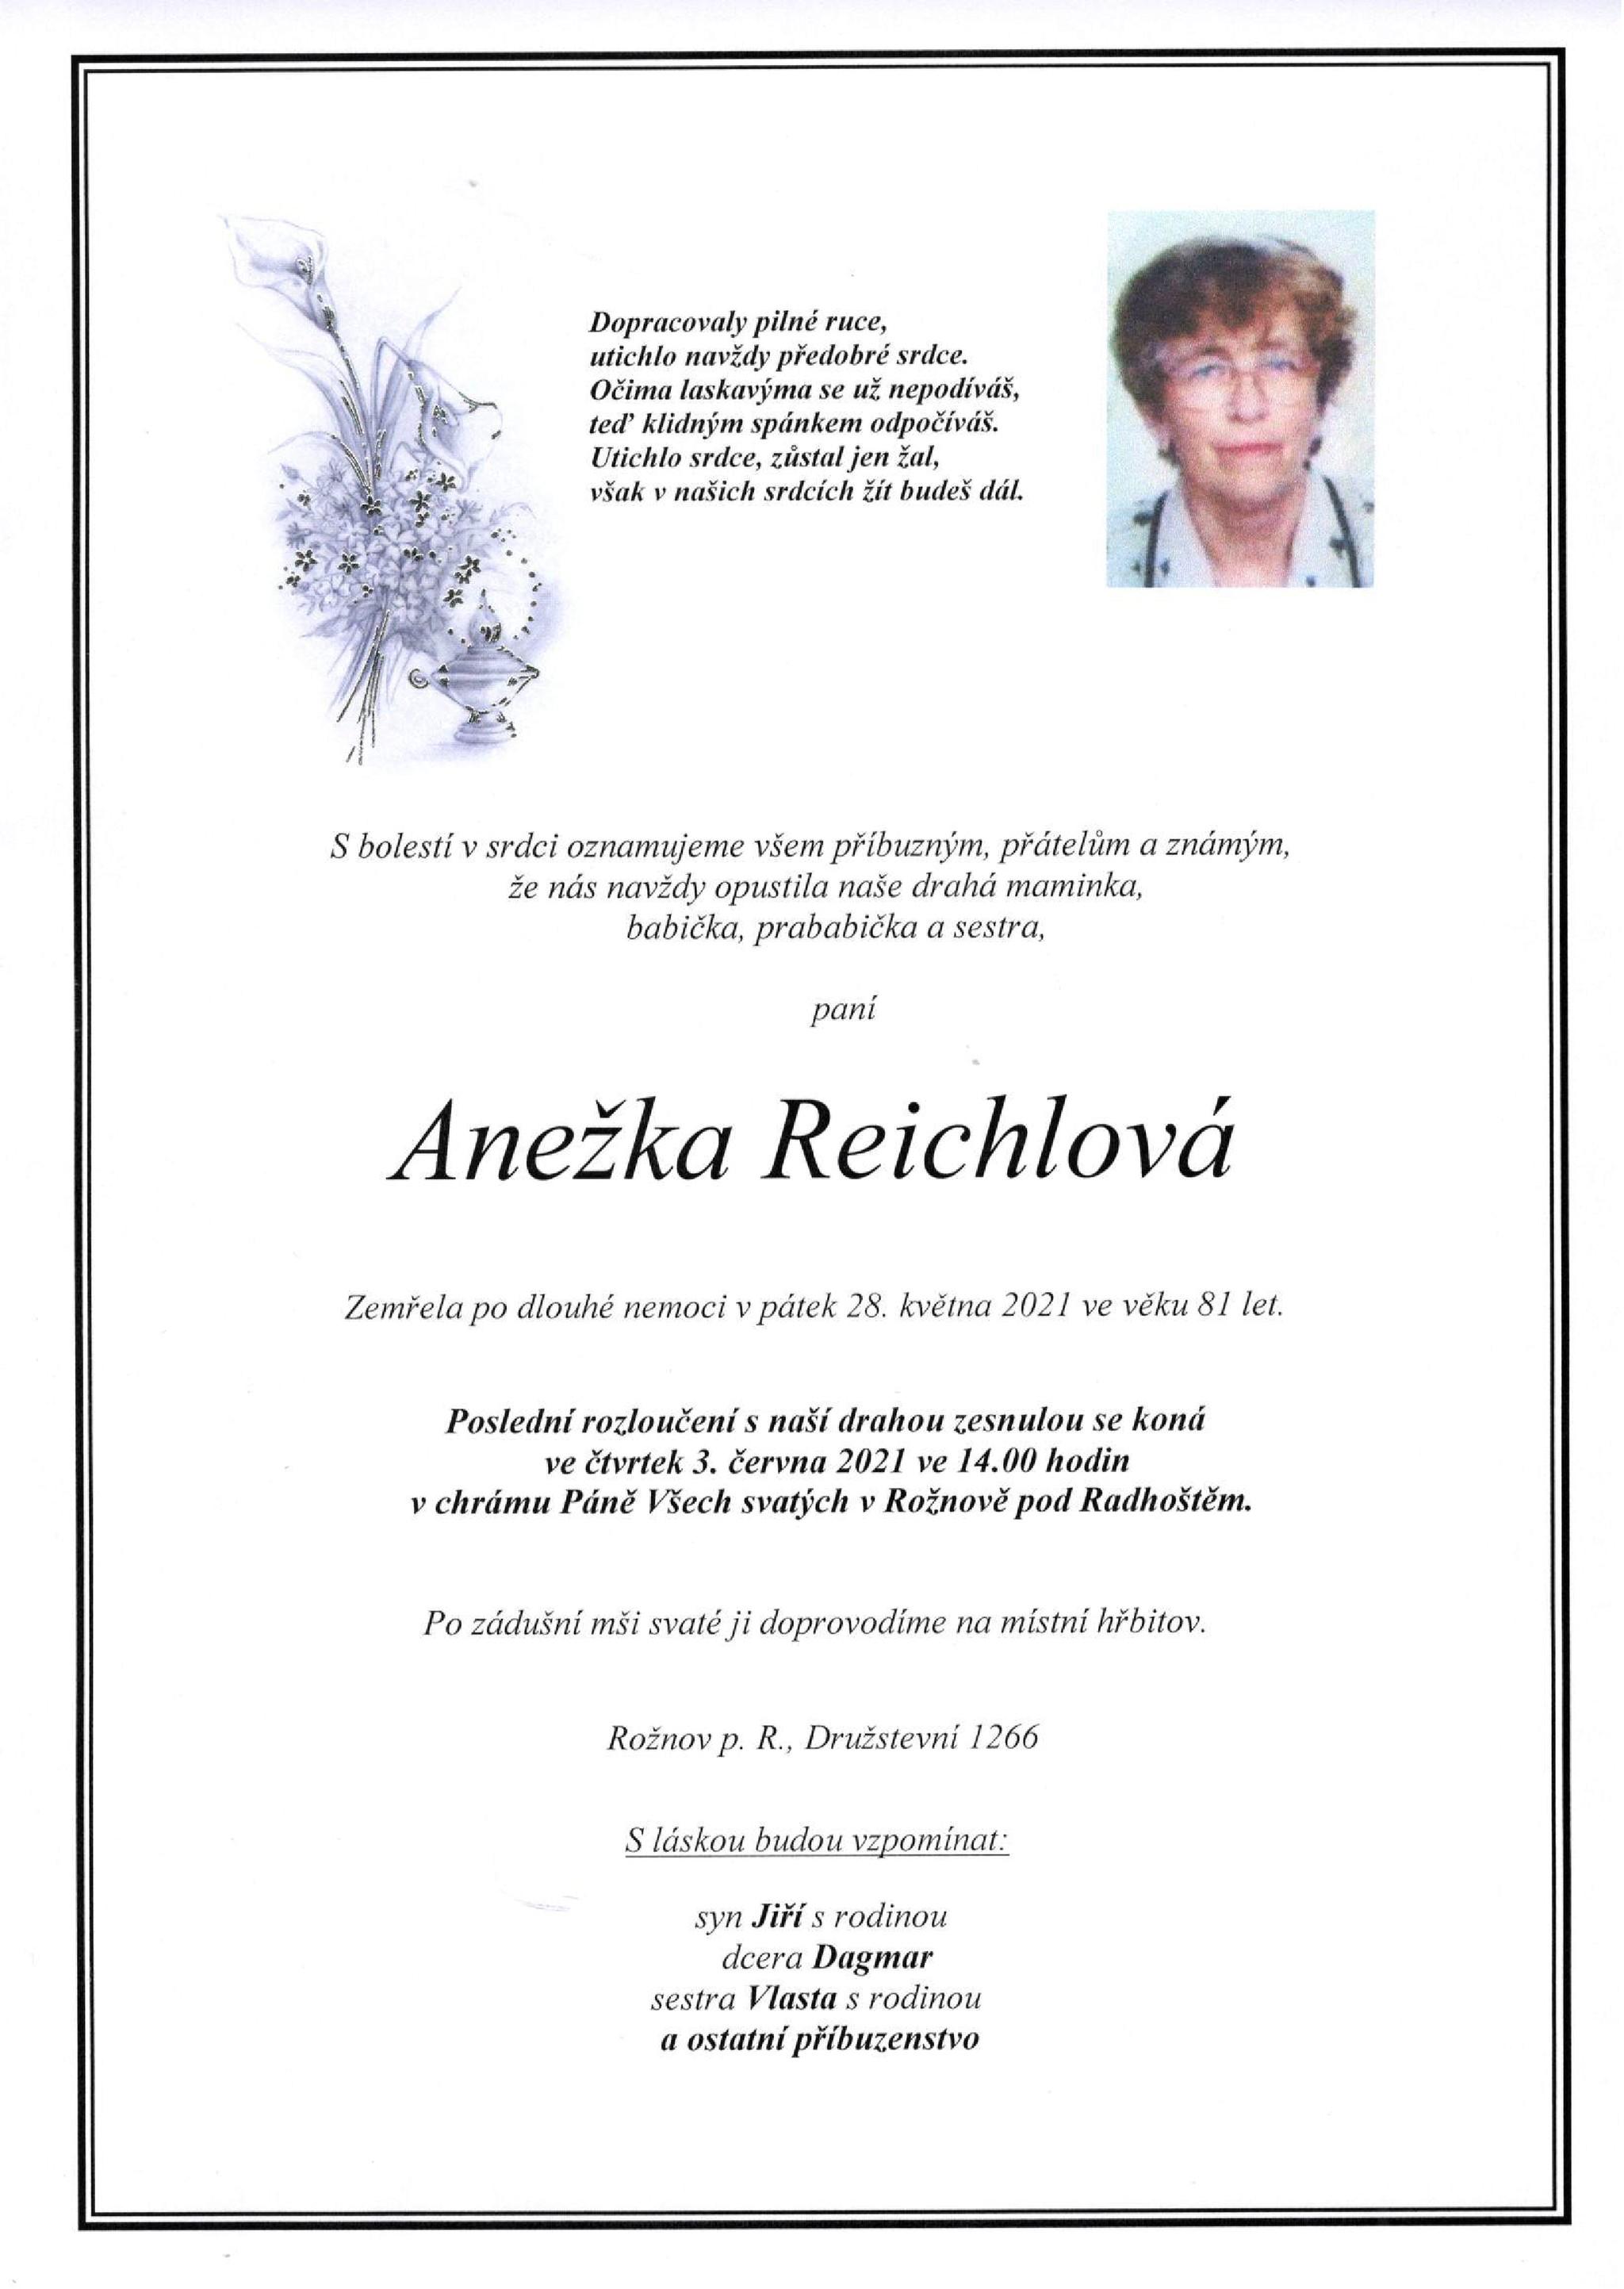 Anežka Reichlová